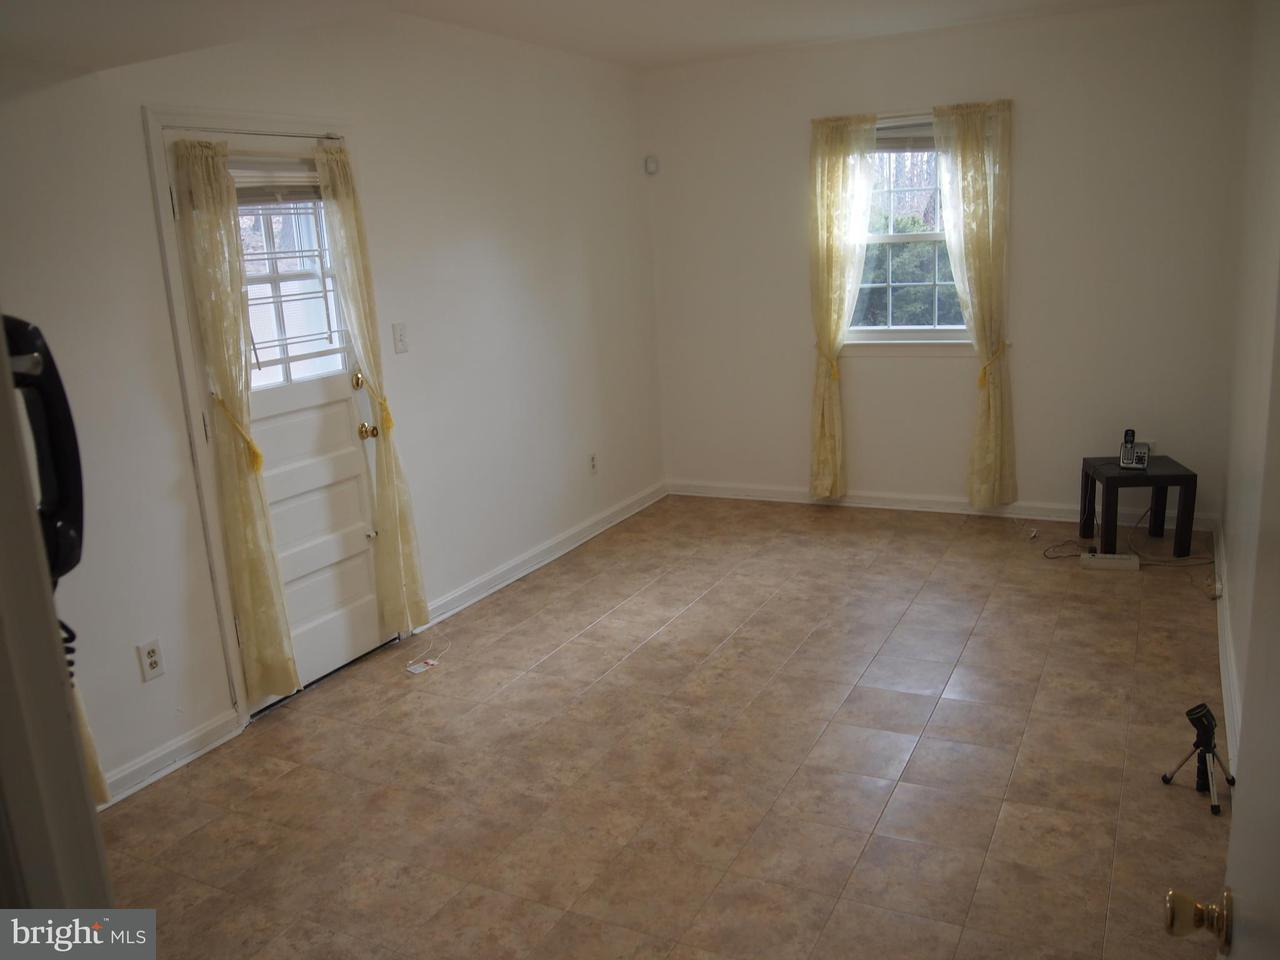 獨棟家庭住宅 為 出售 在 2009 WOODED WAY 2009 WOODED WAY Adelphi, 馬里蘭州 20783 美國